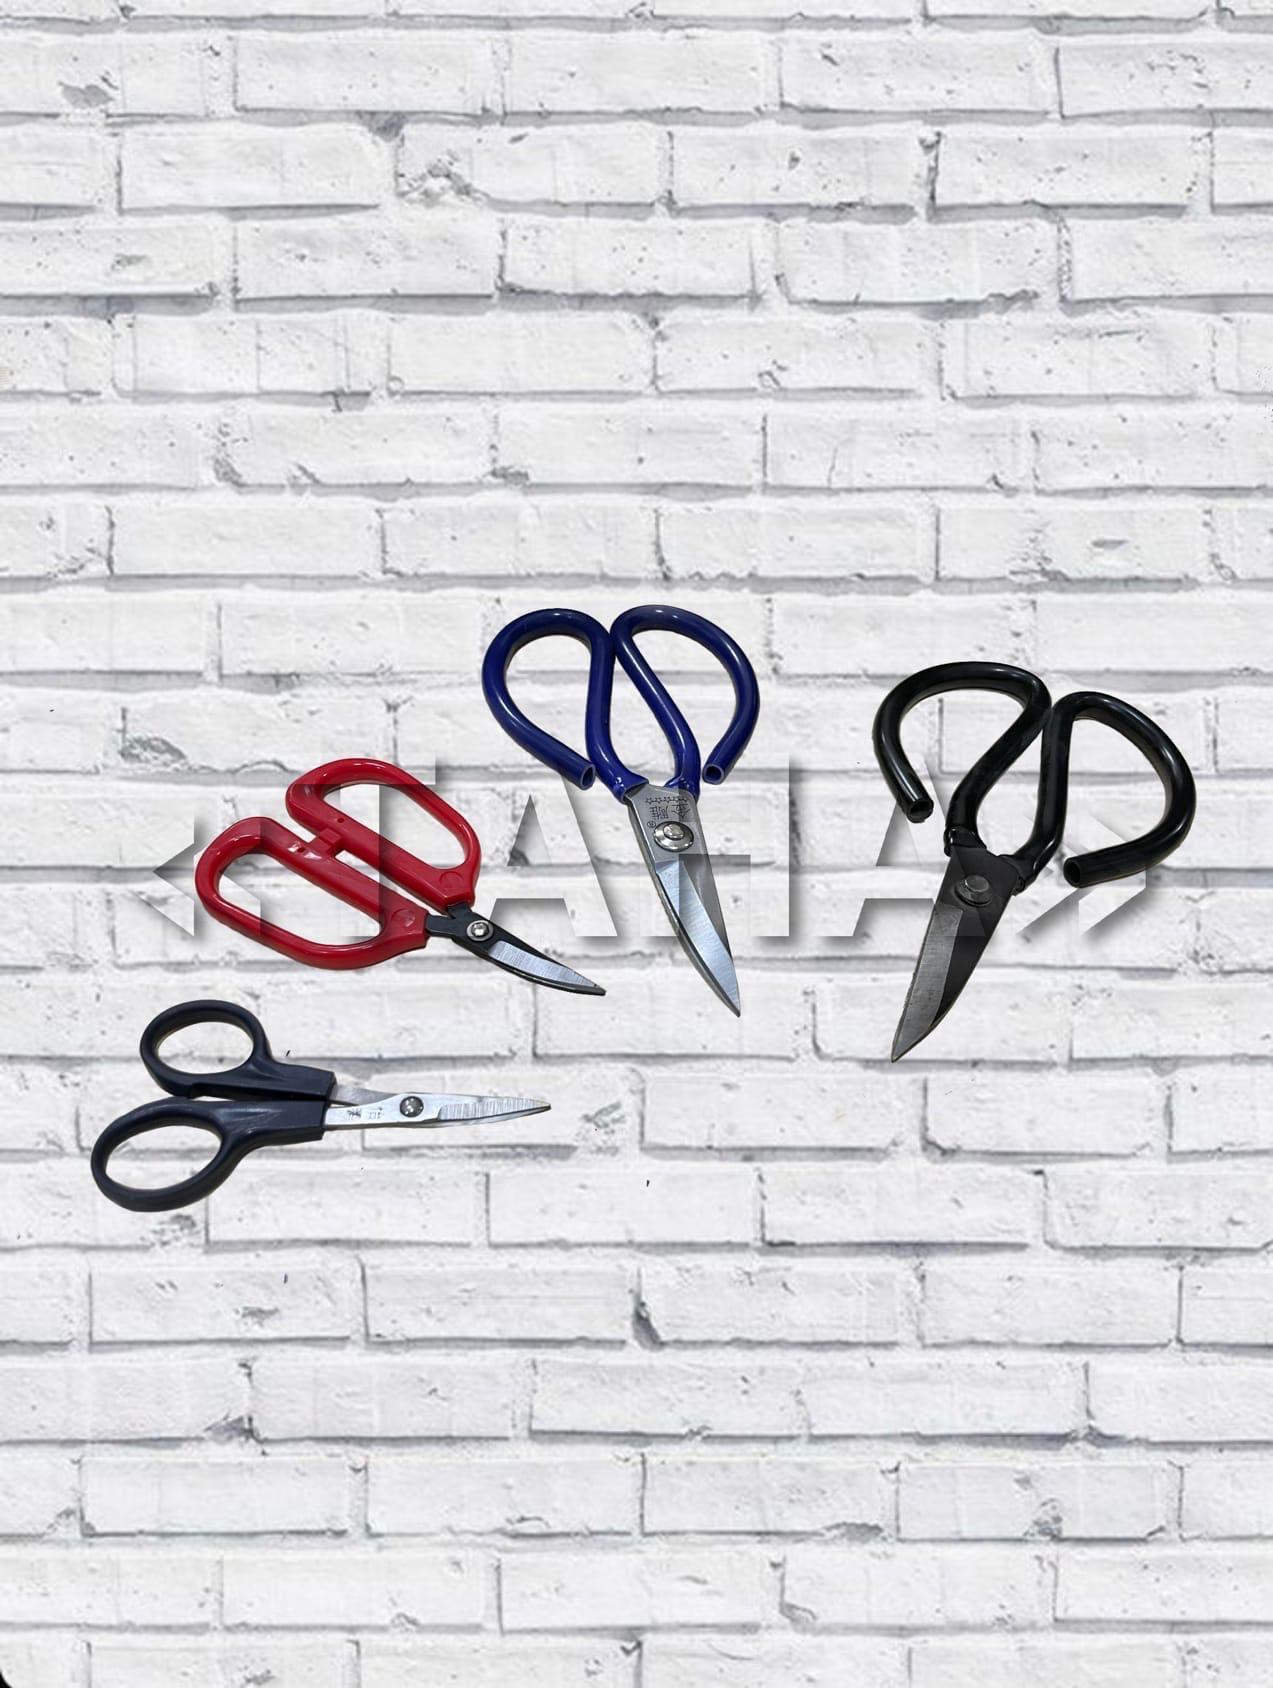 Профессиональные загнутые (с изогнутым наконечником) ножницы